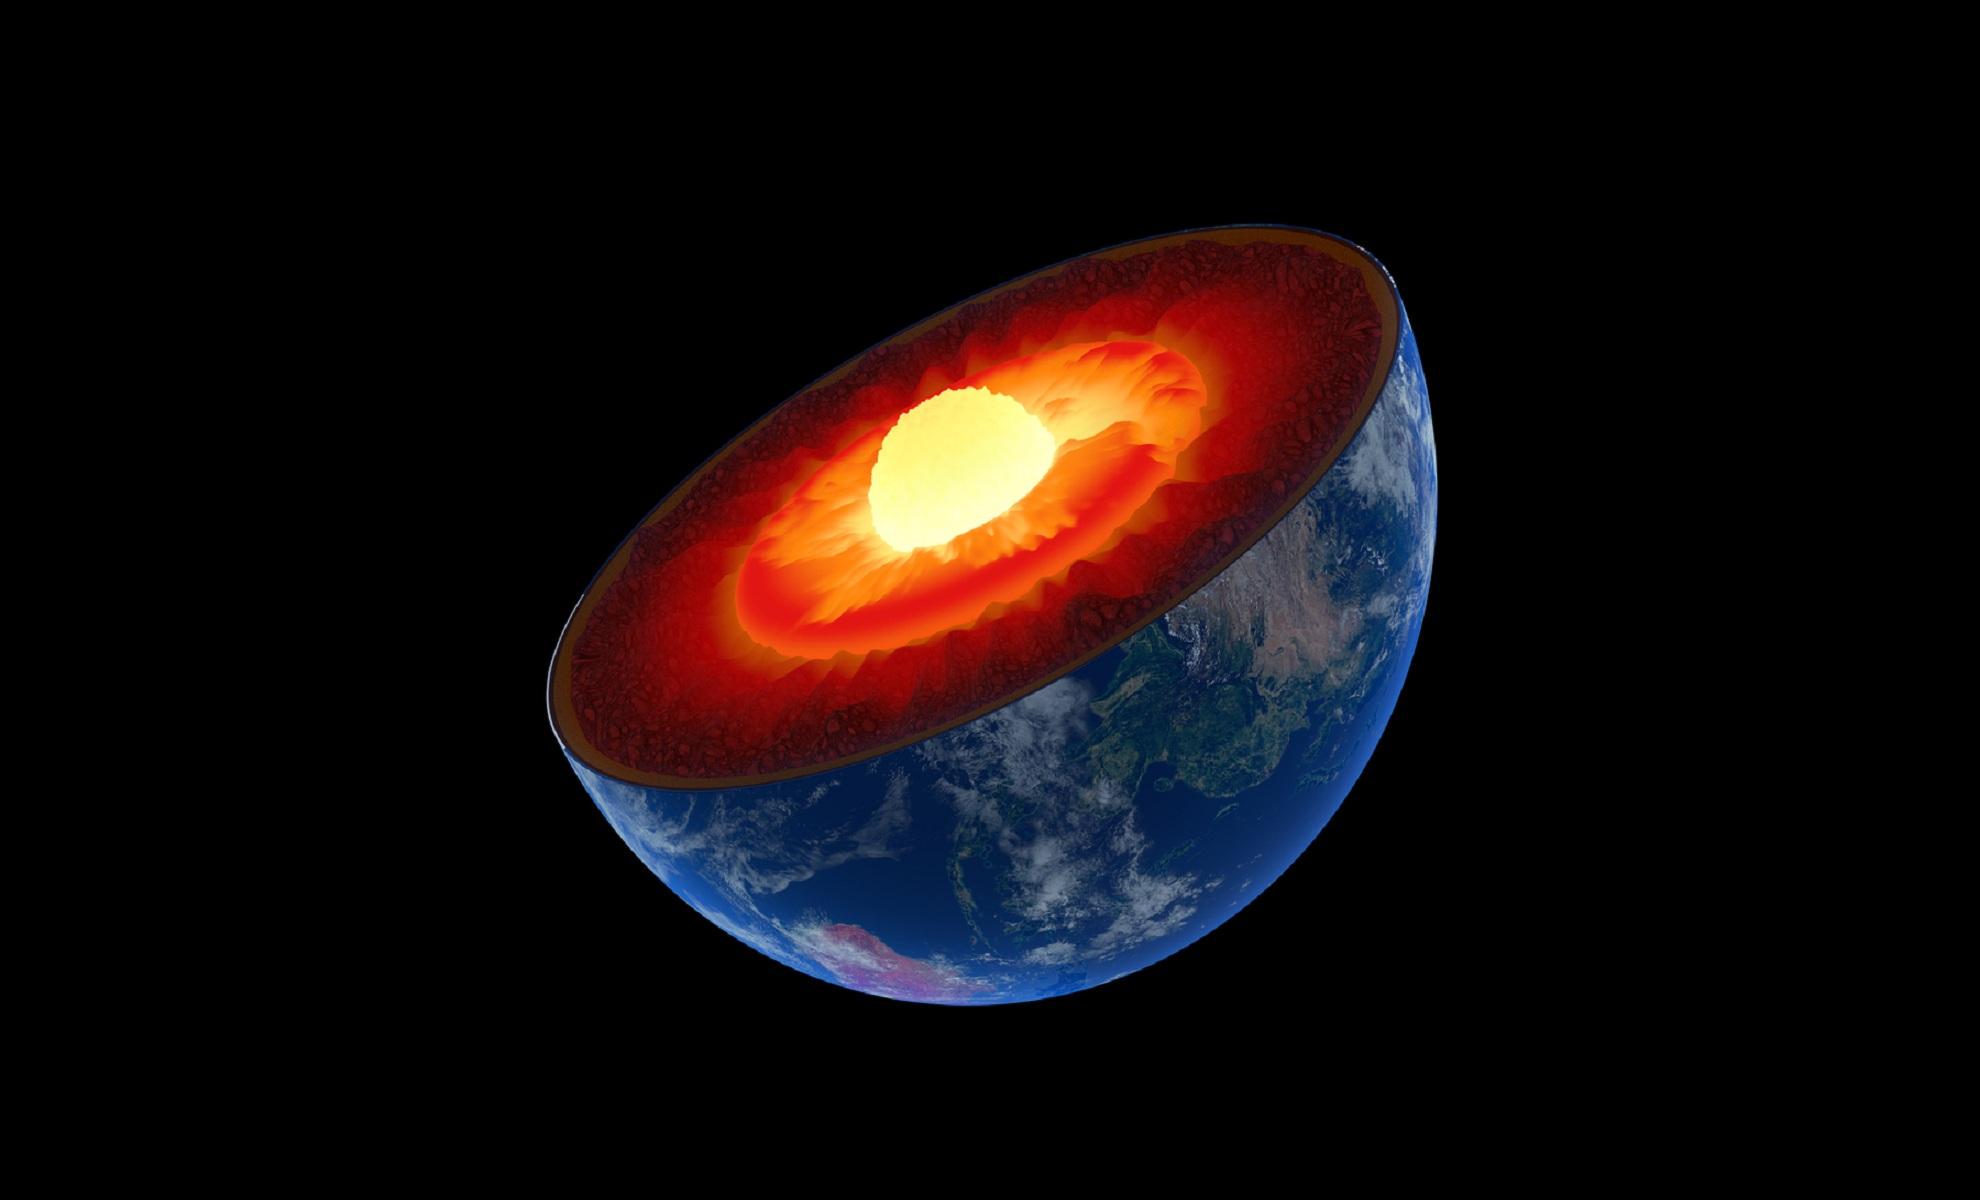 Las capas de la Tierra. Fuente: Laboratorio Nacional de Argonne (EE.UU.).